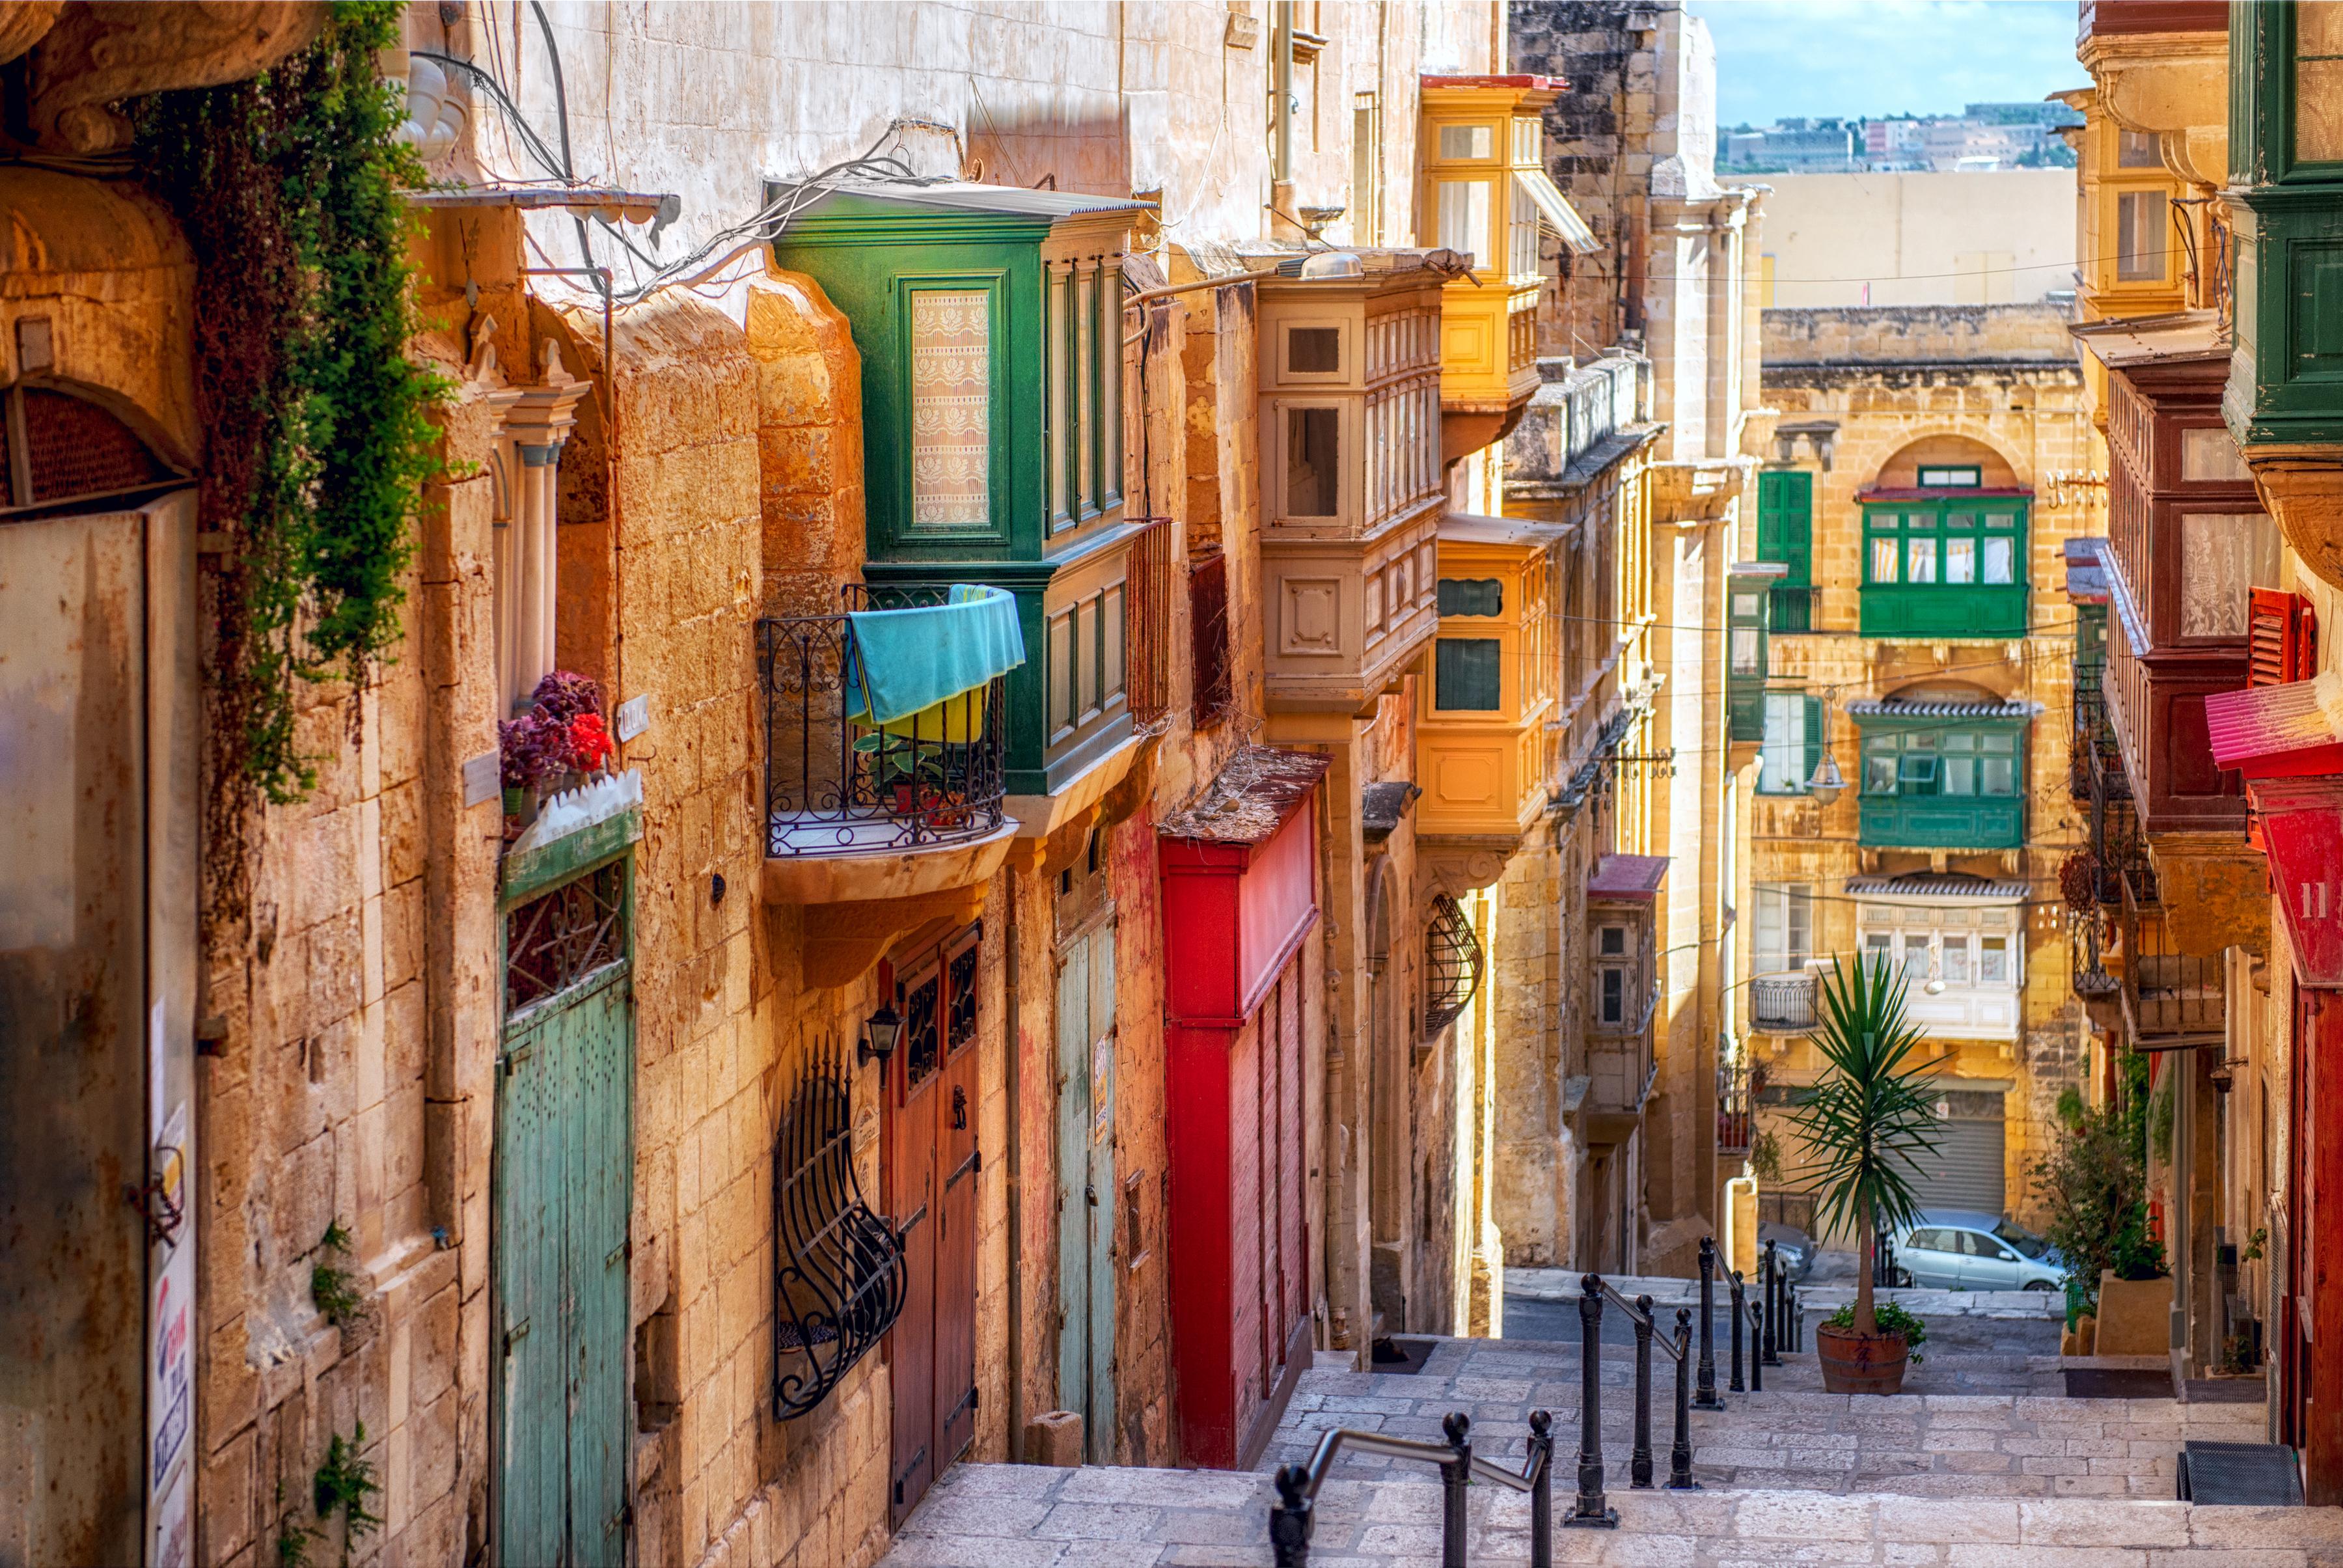 Narrow street in Valletta, the capital of Malta.